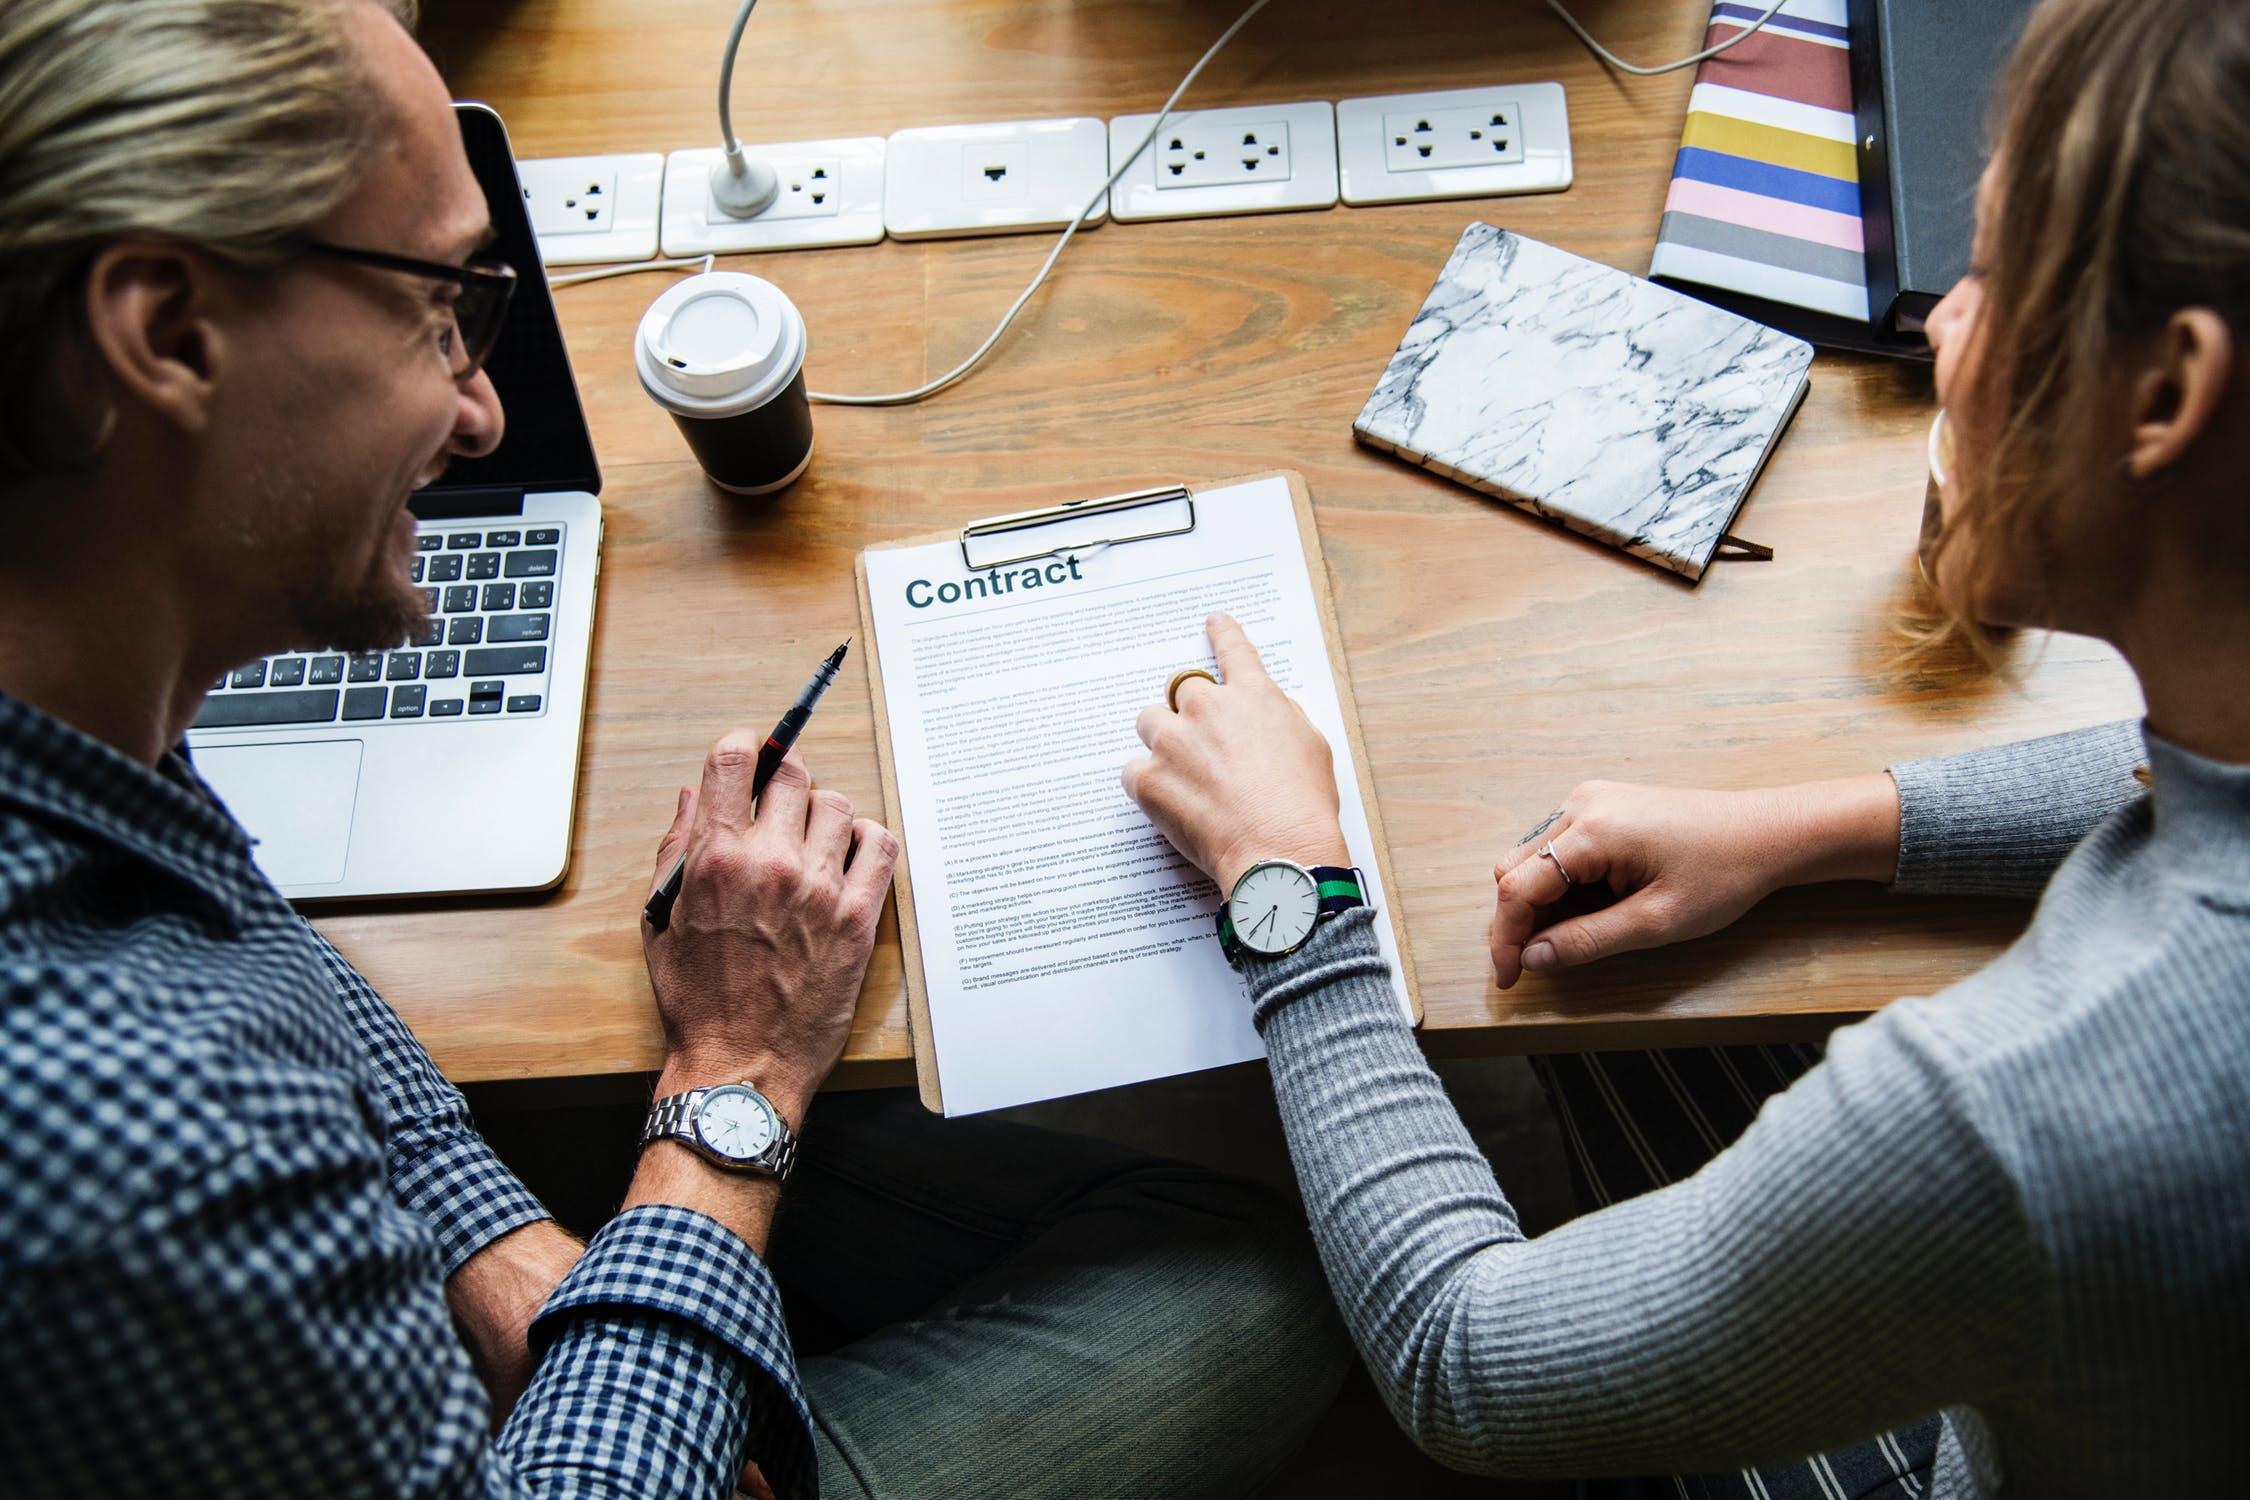 Qué tipos de contrato de trabajo existen? Analizamos sus pros y contras